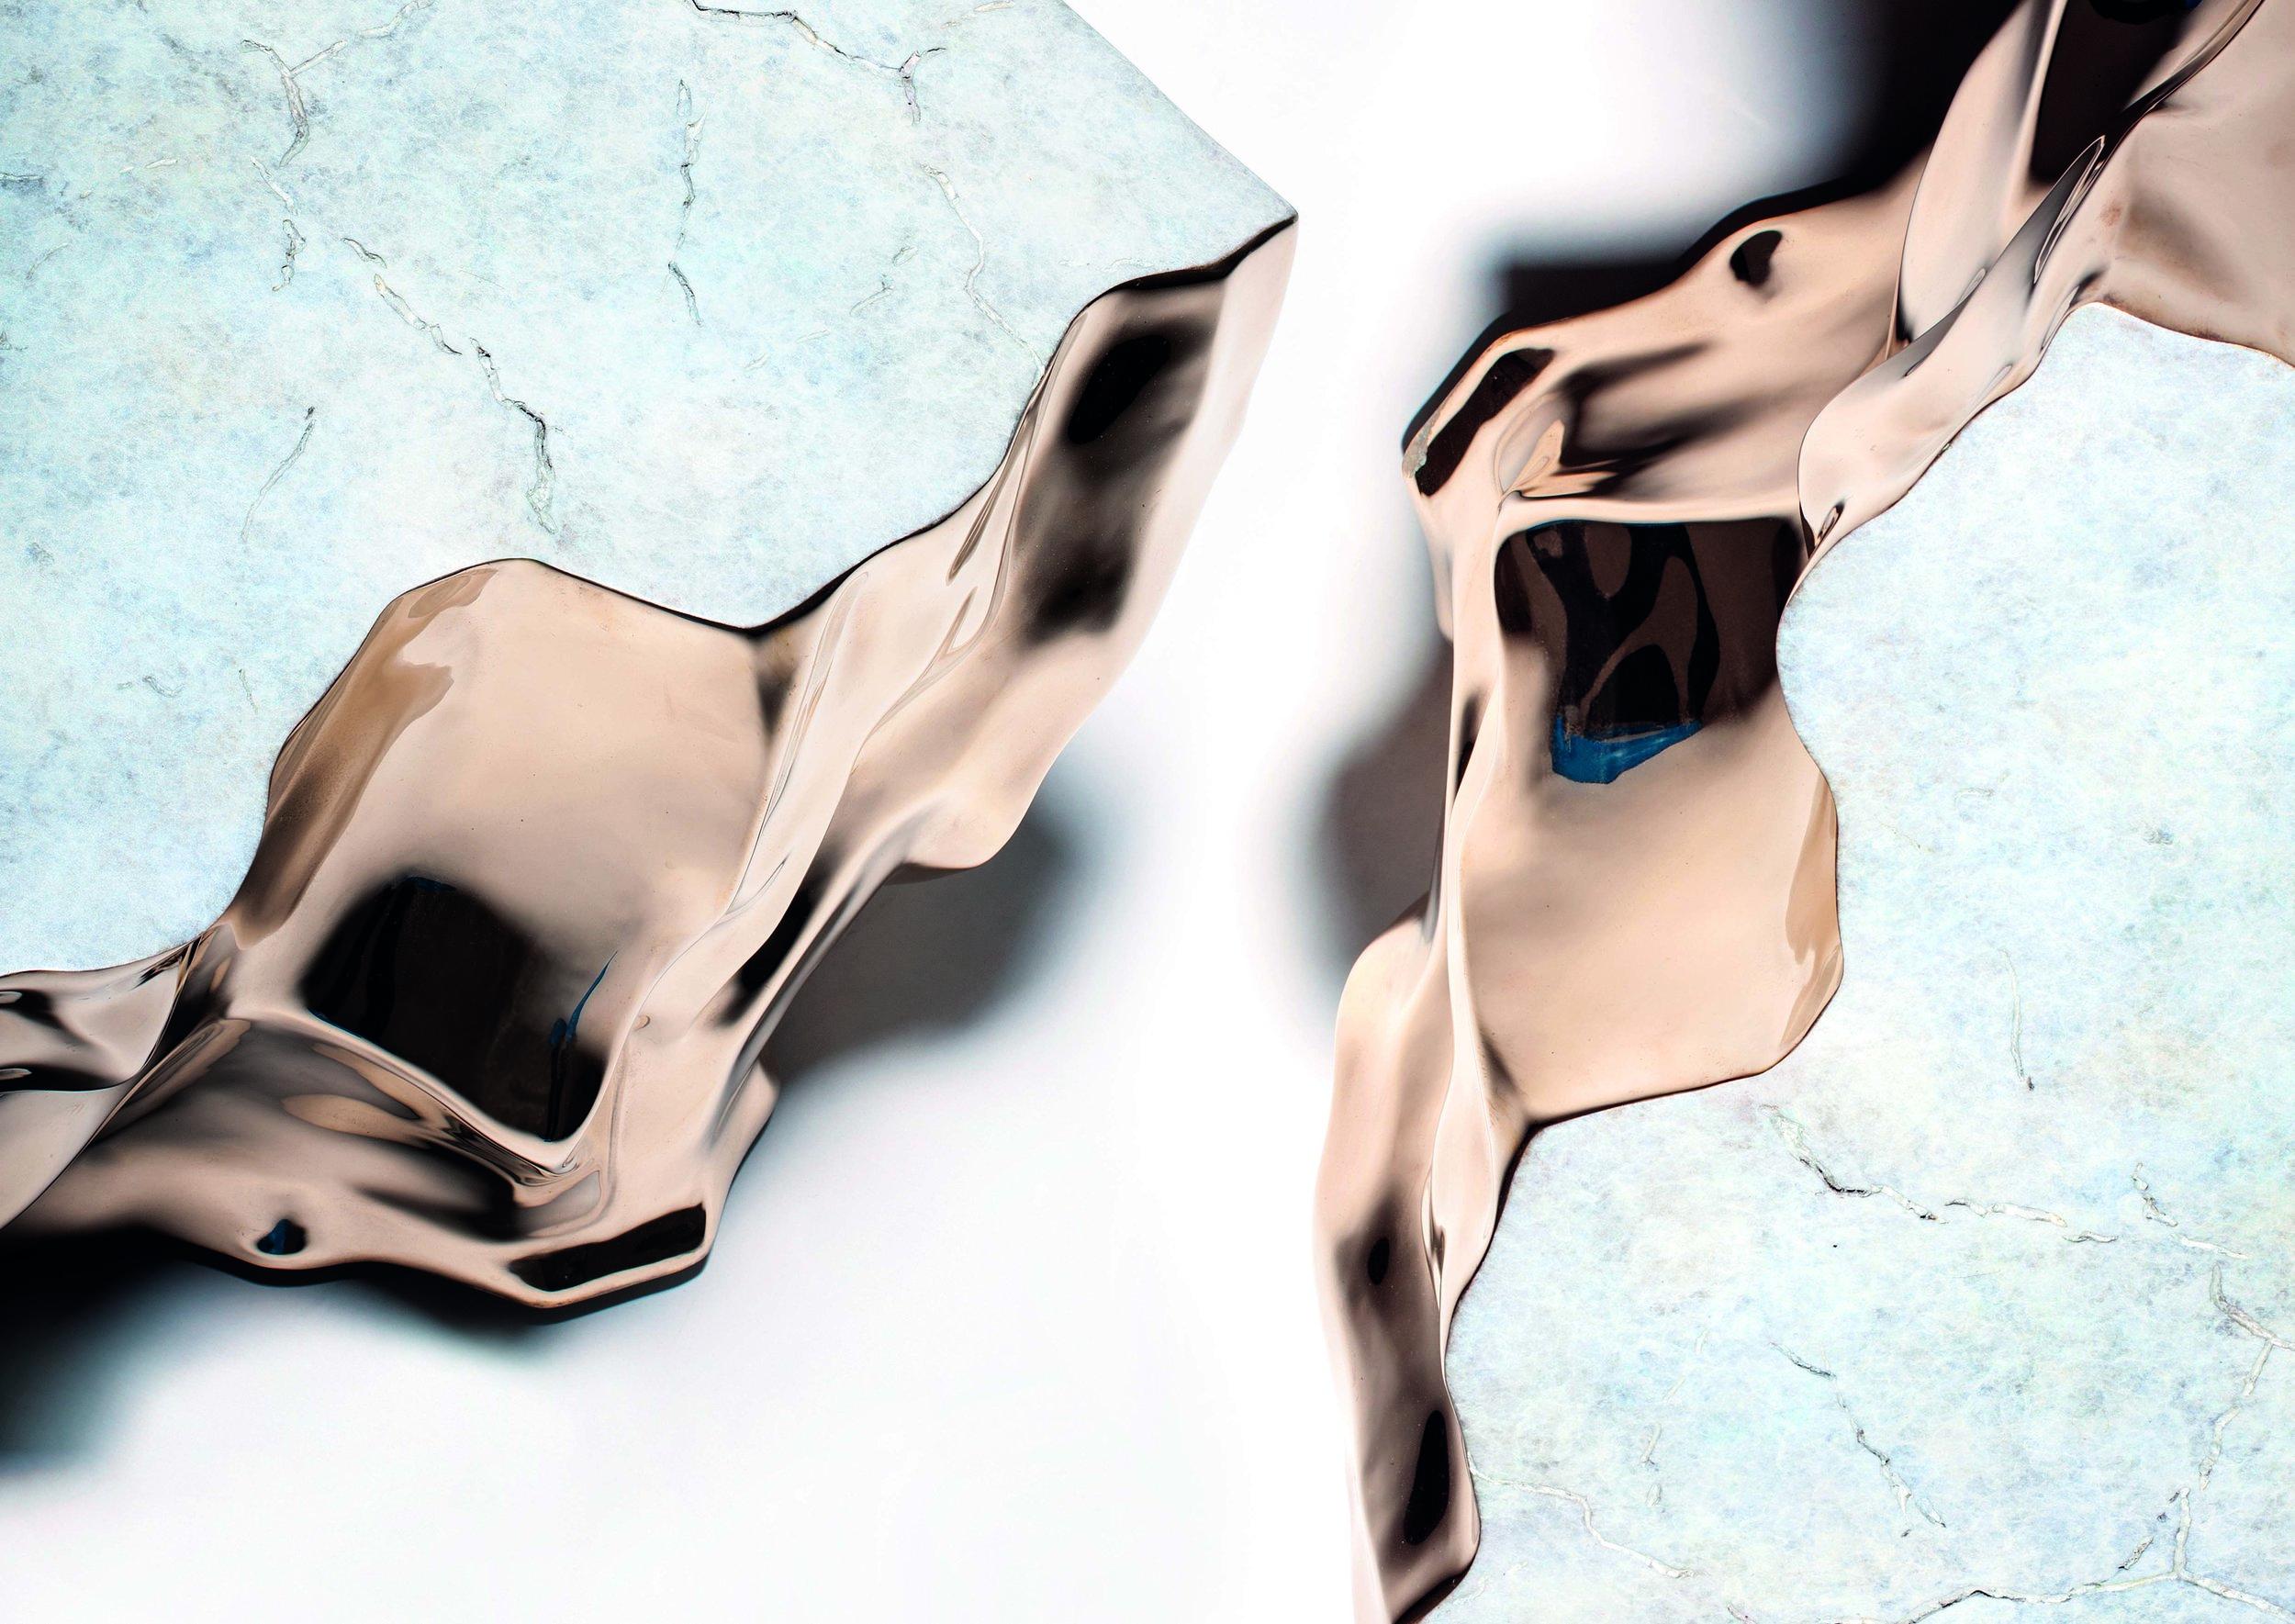 Fragmented Crack